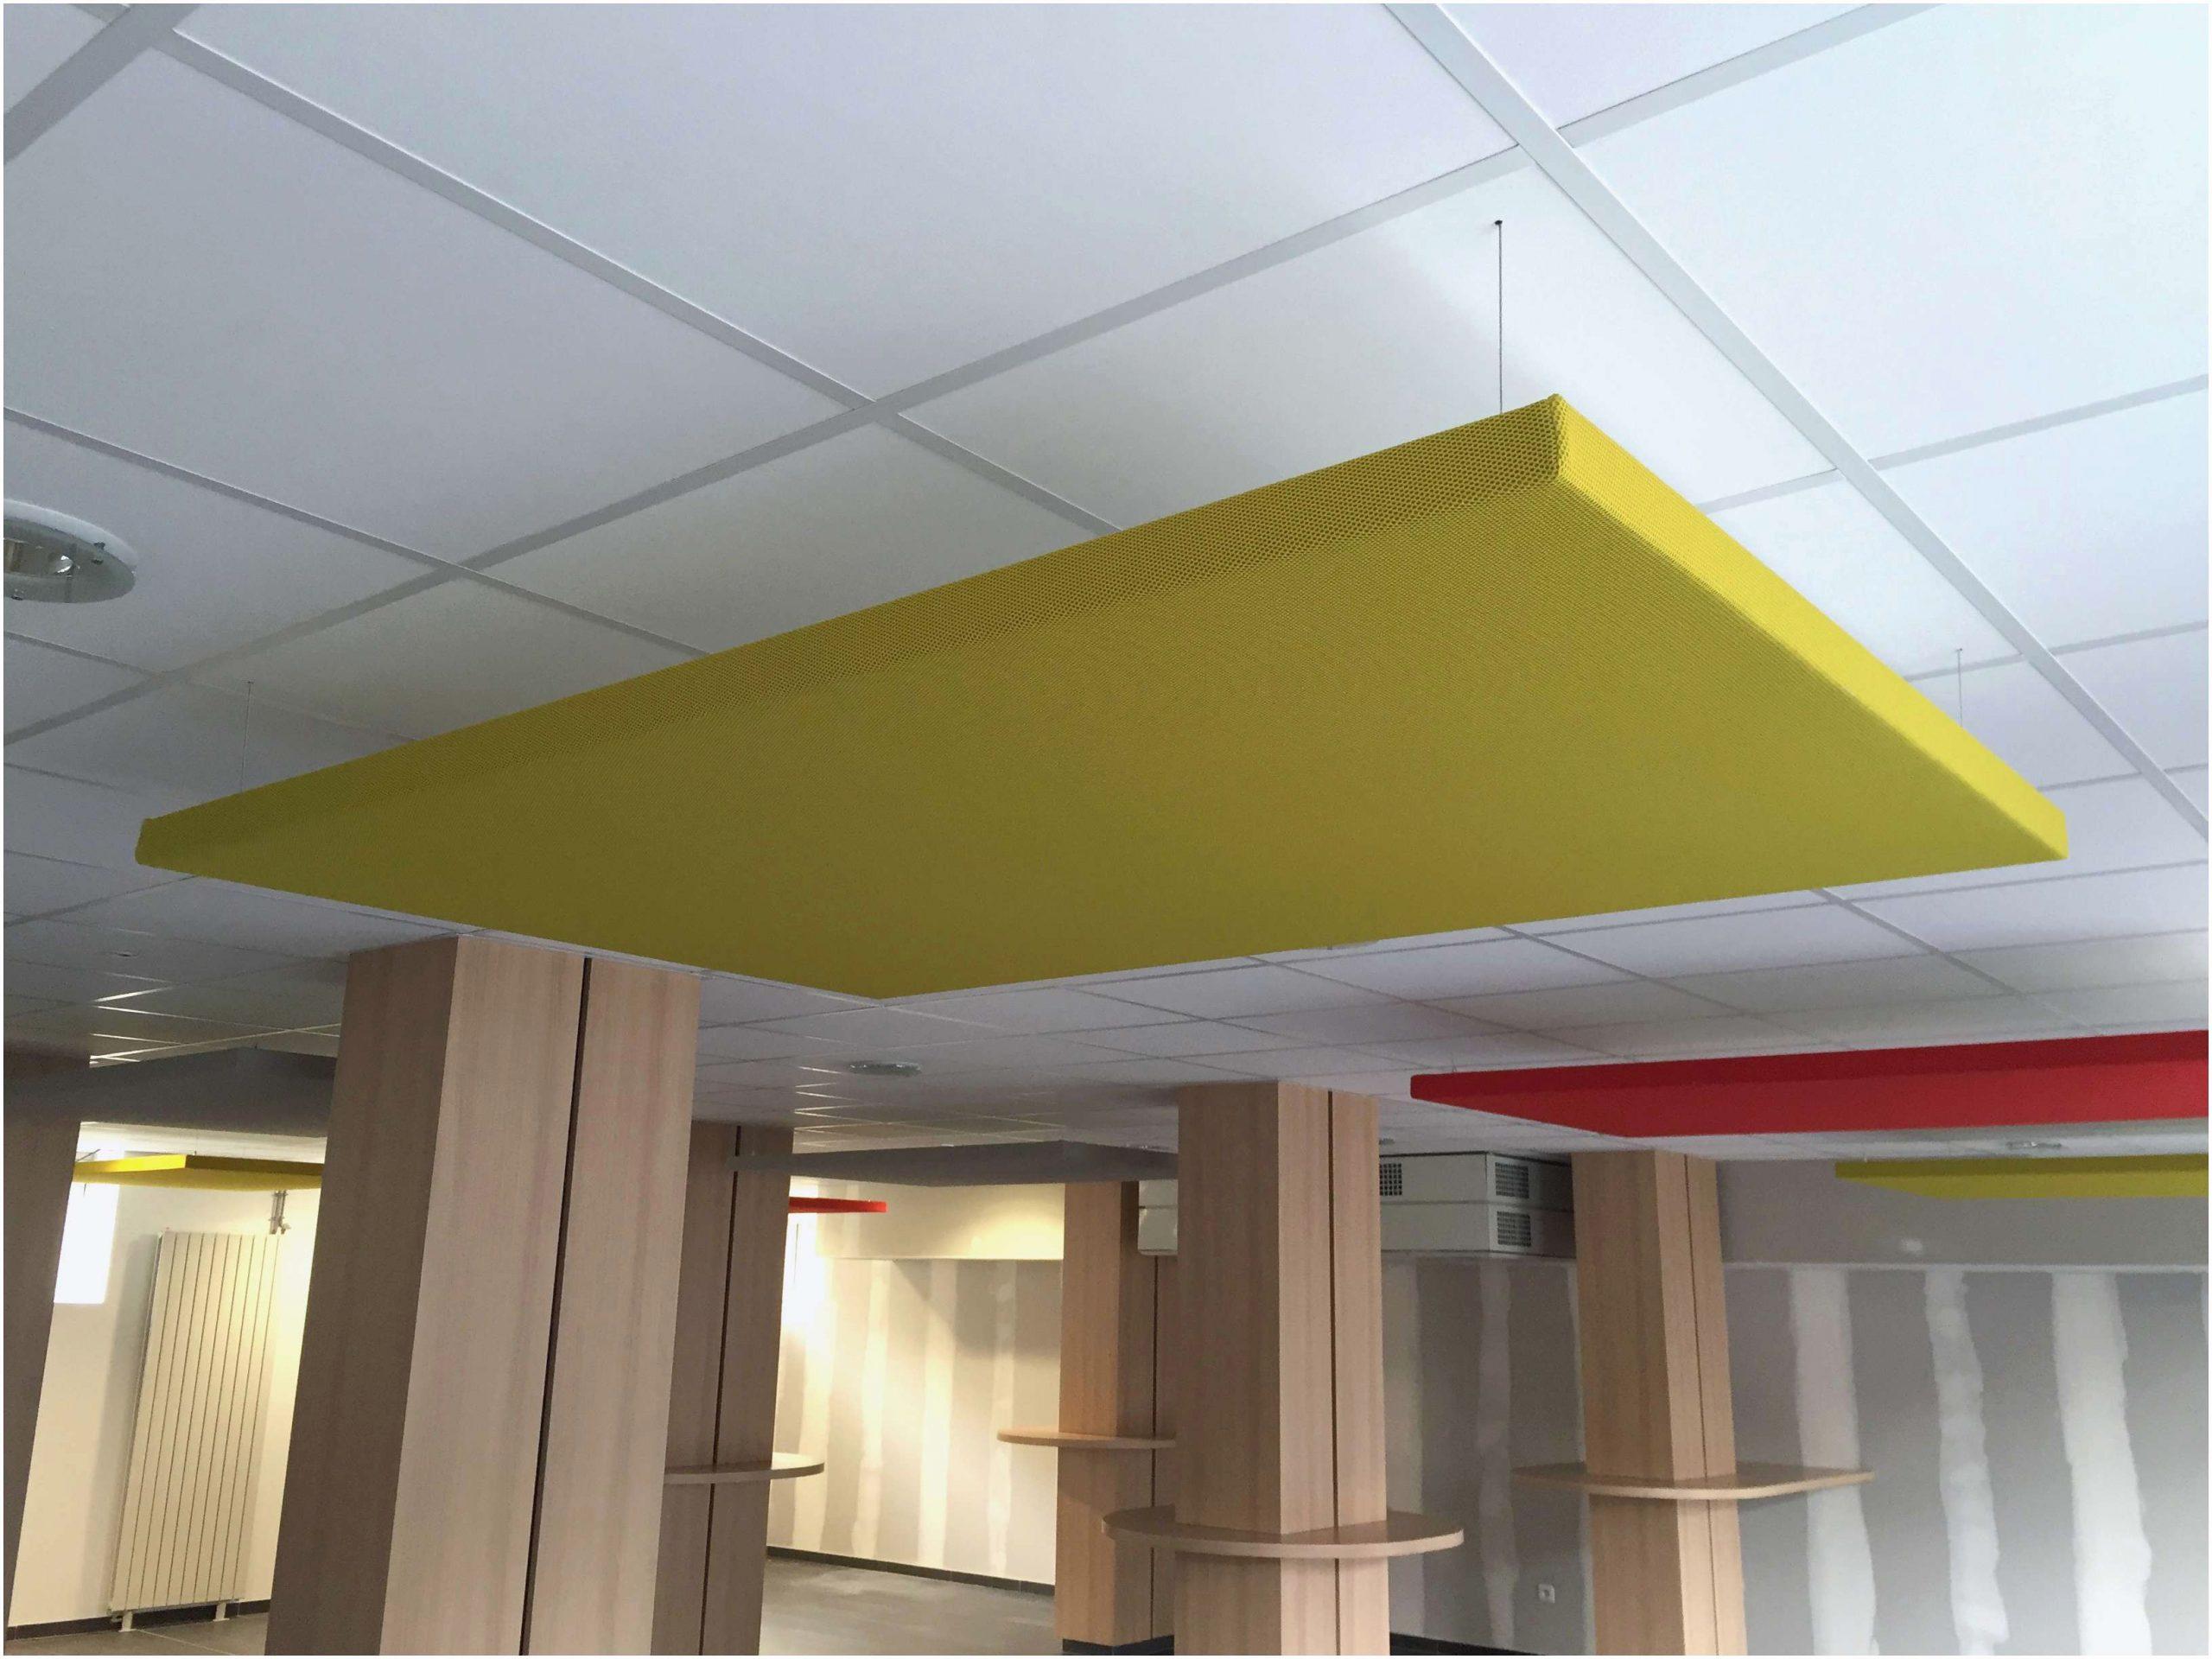 Dalle Plafond 60X60 Nouveau Dalle Plafond Brico Depot ... avec Dalle Plafond Suspendu 60X60 Brico Depot